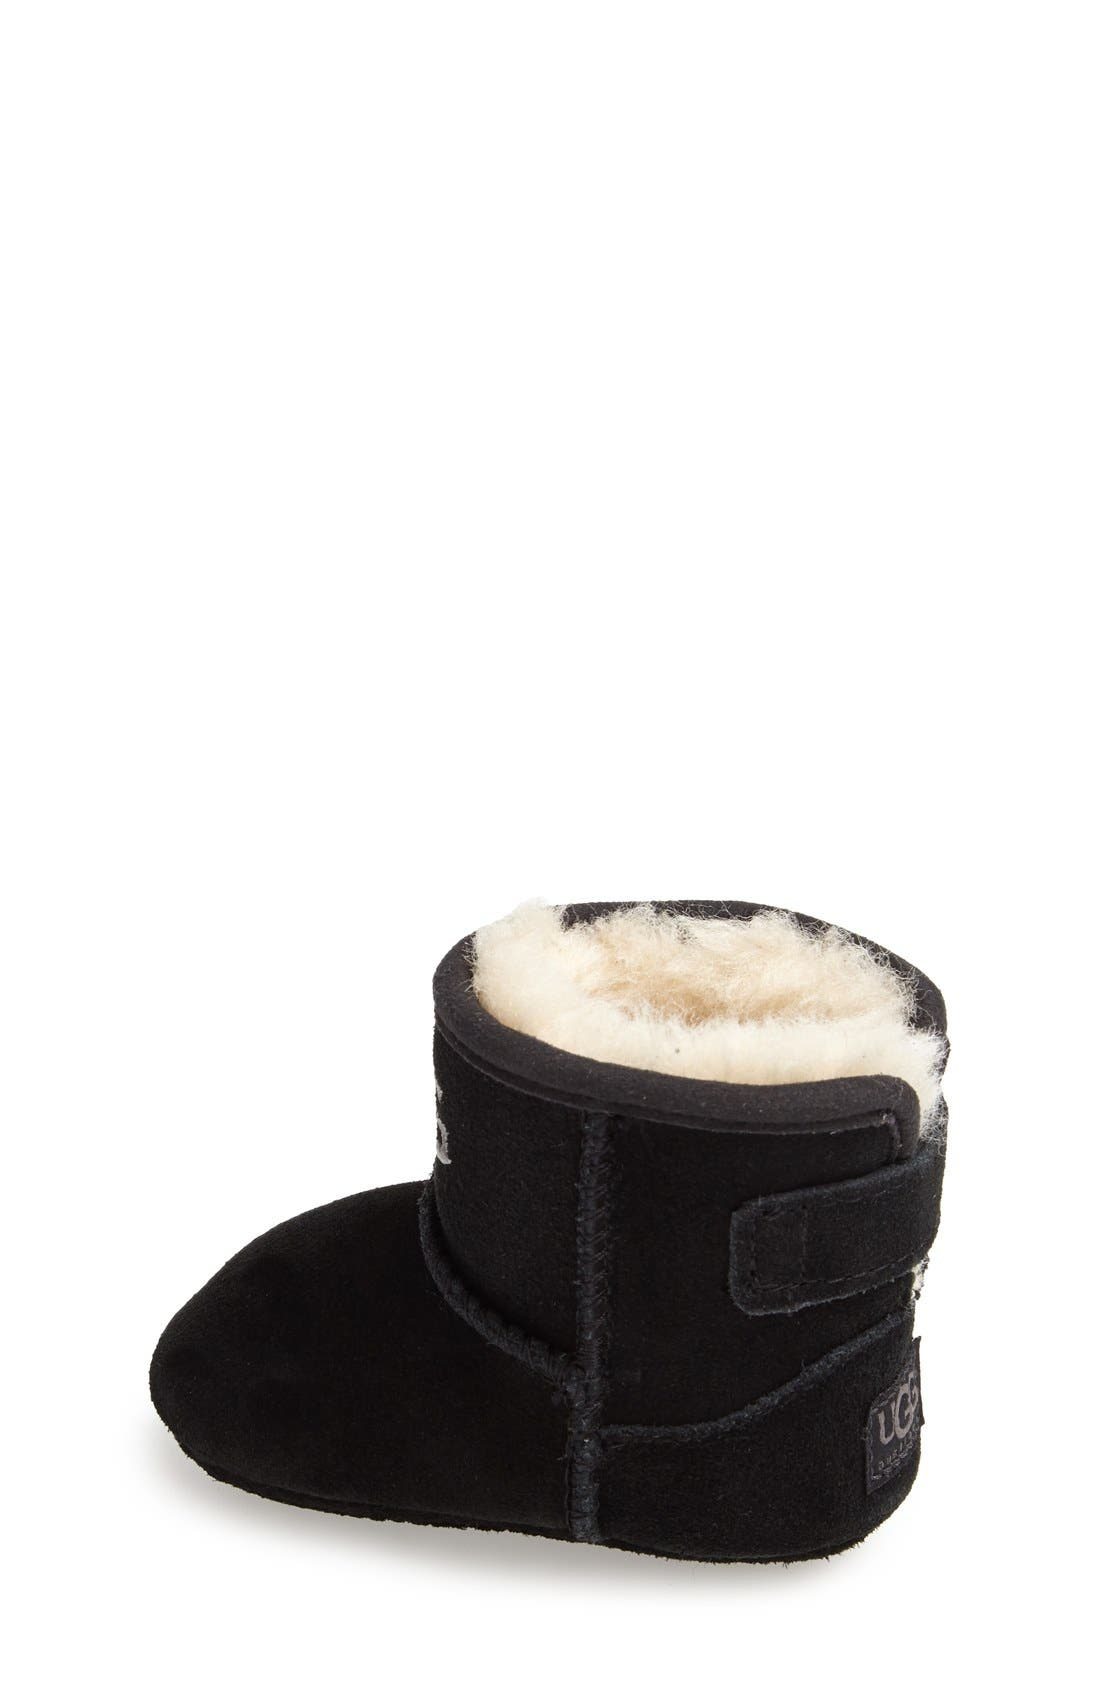 Alternate Image 2  - UGG® 'Jesse' Suede Boot (Baby & Walker)